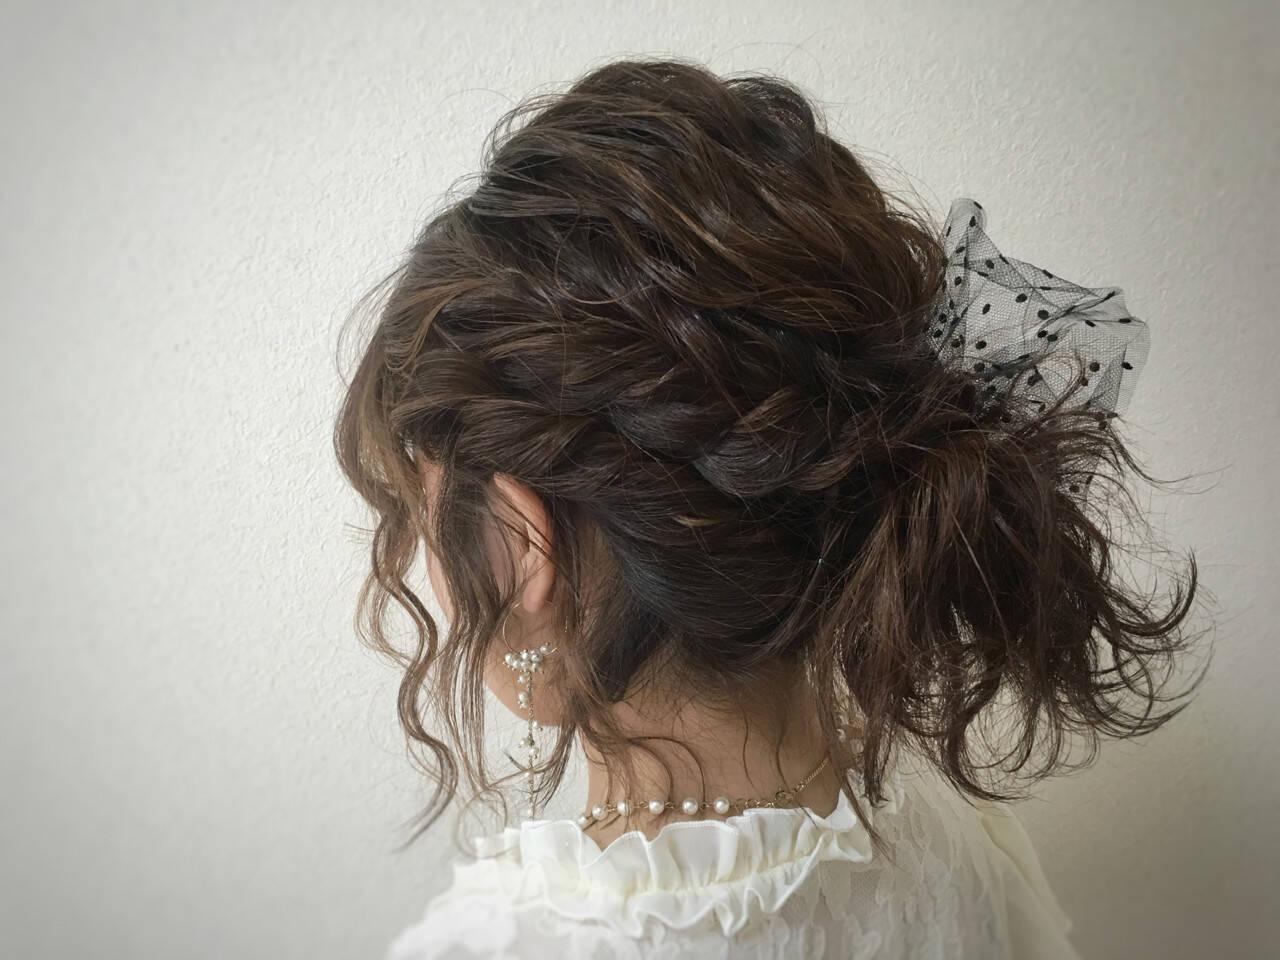 ヘアアレンジ ボブ 波ウェーブヘアスタイルや髪型の写真・画像